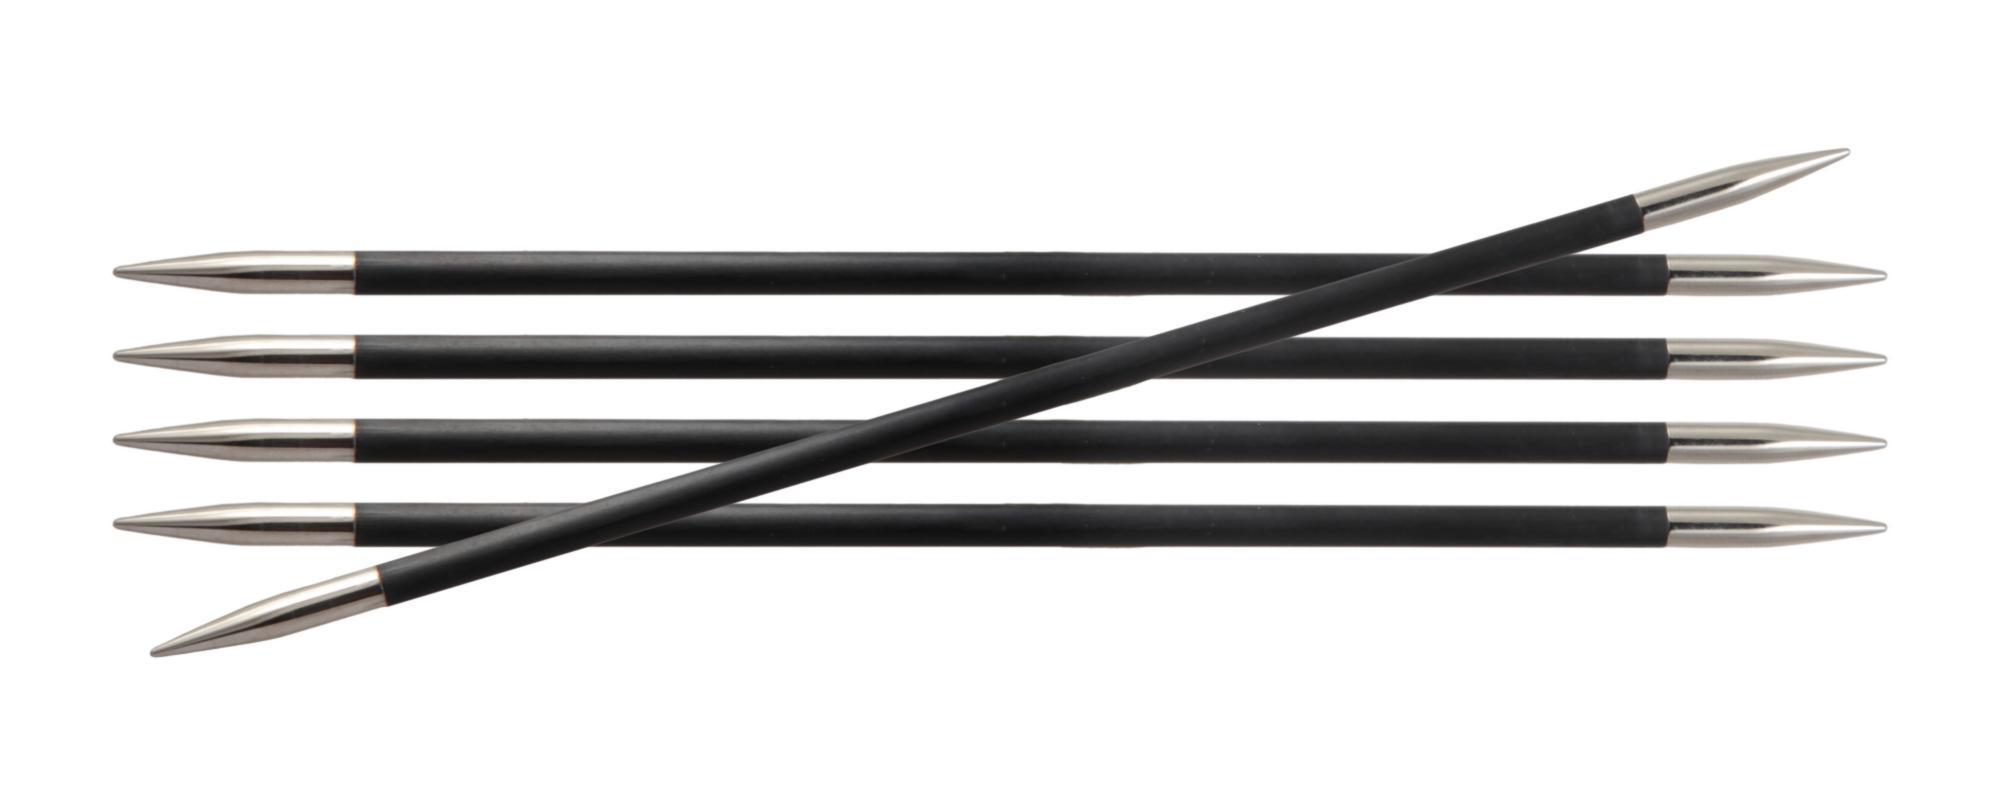 Спицы носочные 15 см Karbonz KnitPro, 41103, 1.50 мм